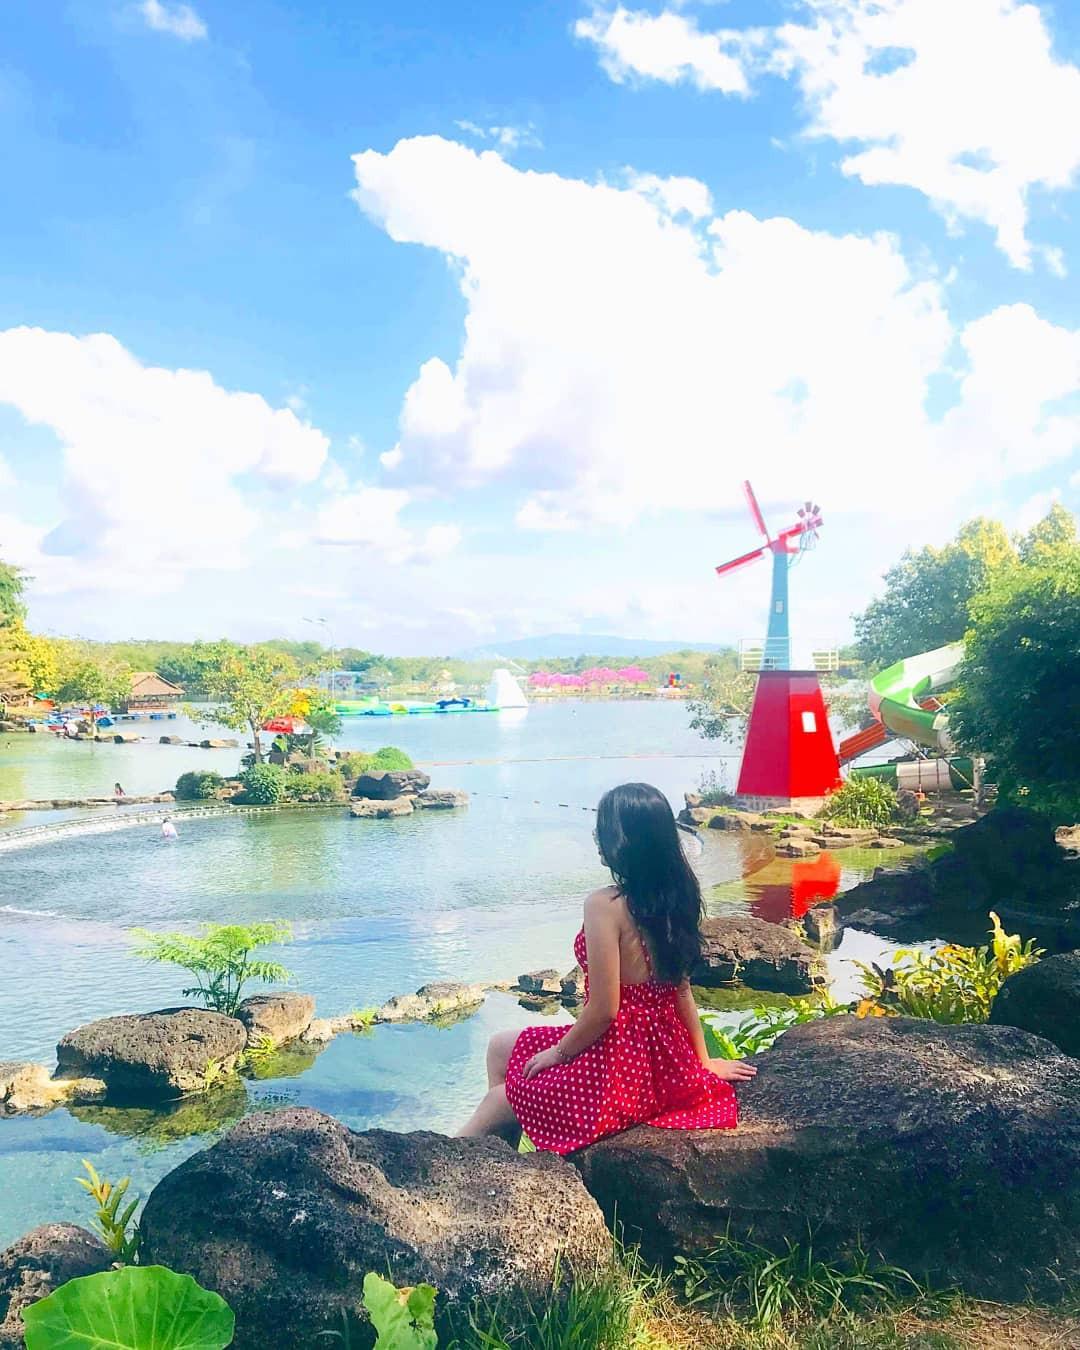 Hot hòn họt công viên Suối Mơ ngay sát Sài Gòn: Lên hình có vẻ ảo đấy nhưng ngoài đời có phải hơi sến không? - Ảnh 3.